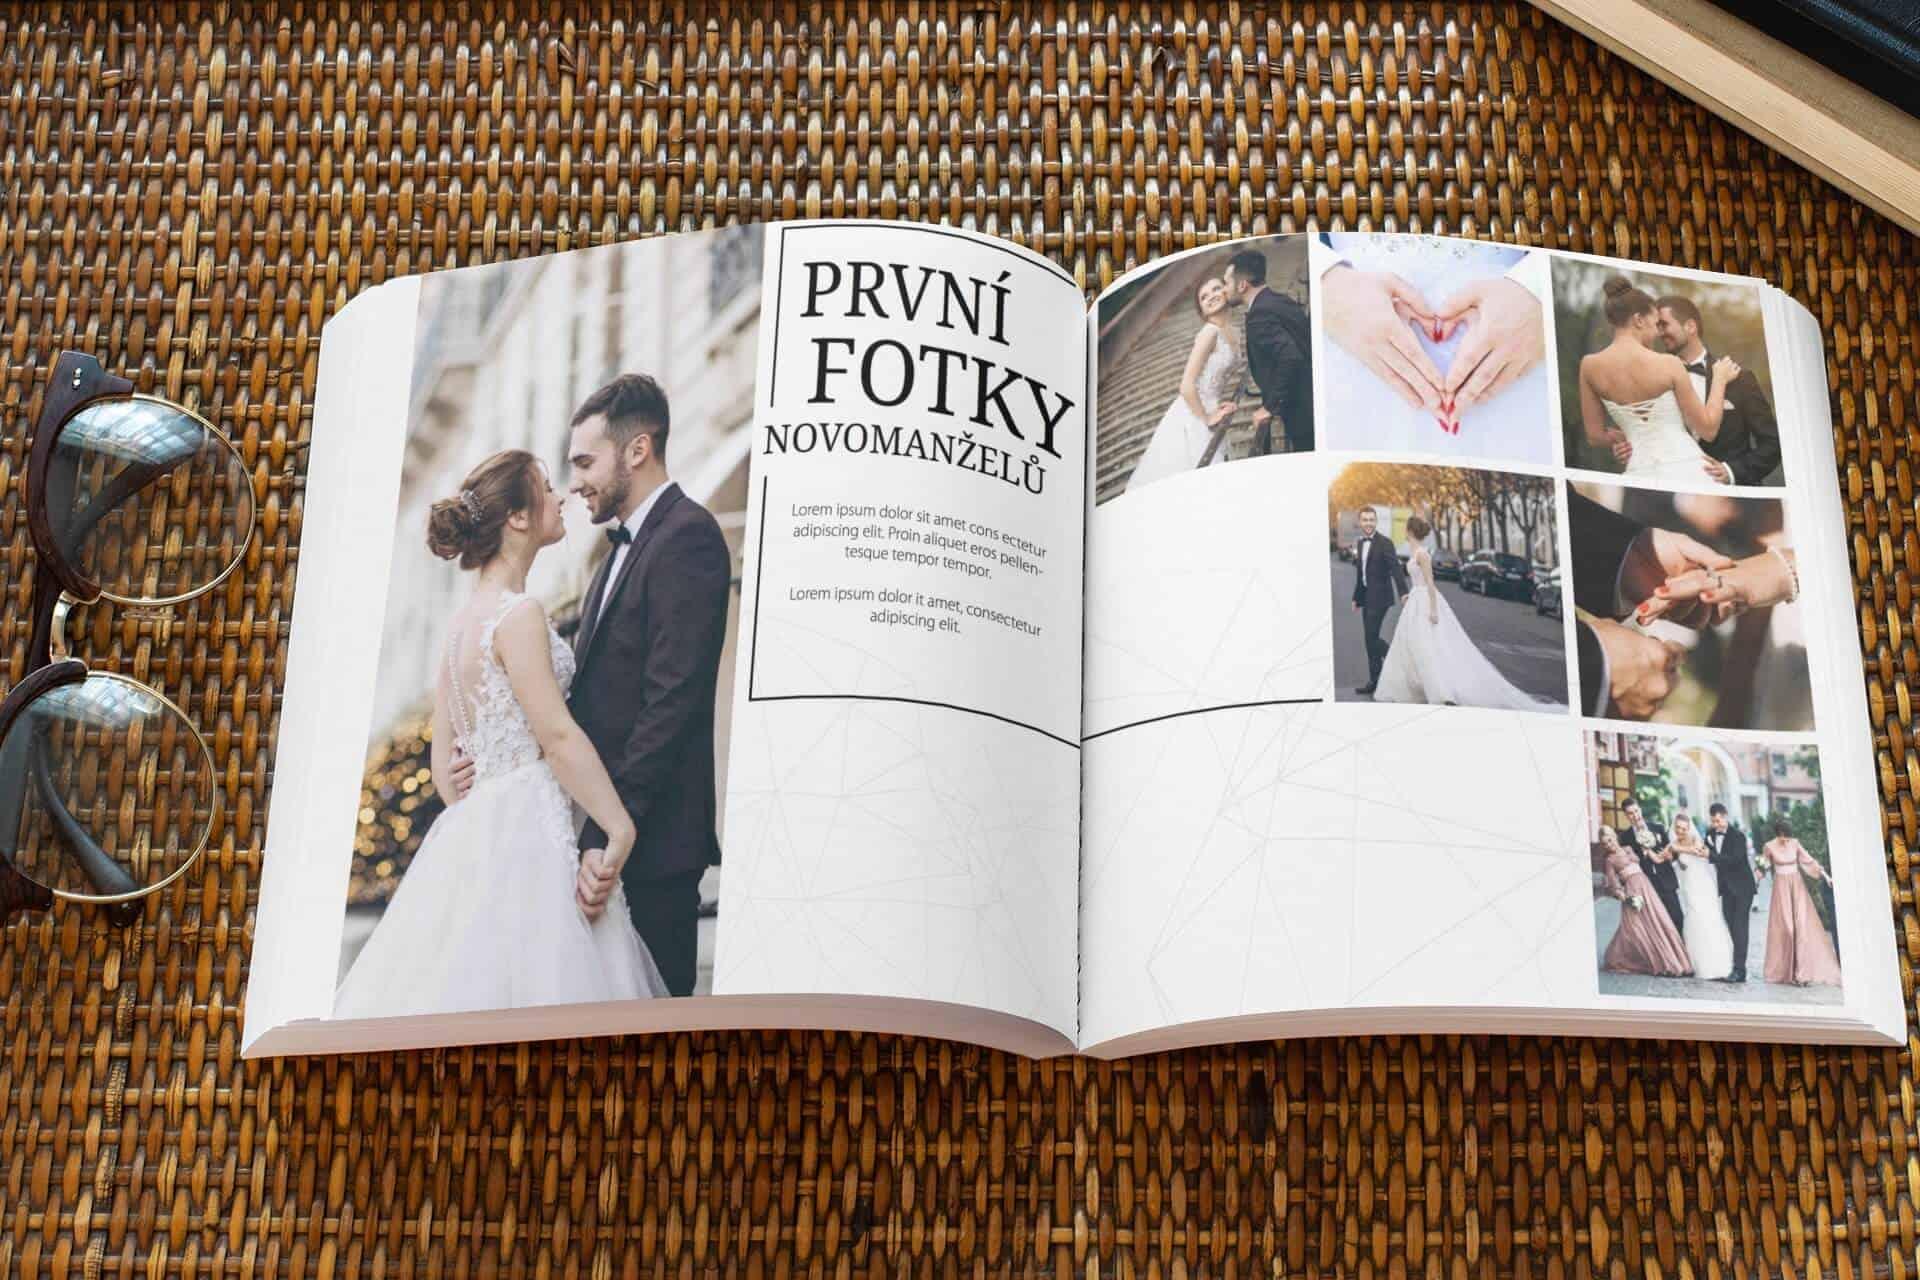 Svatební fotokniha ALTU, první fotky novomanželů